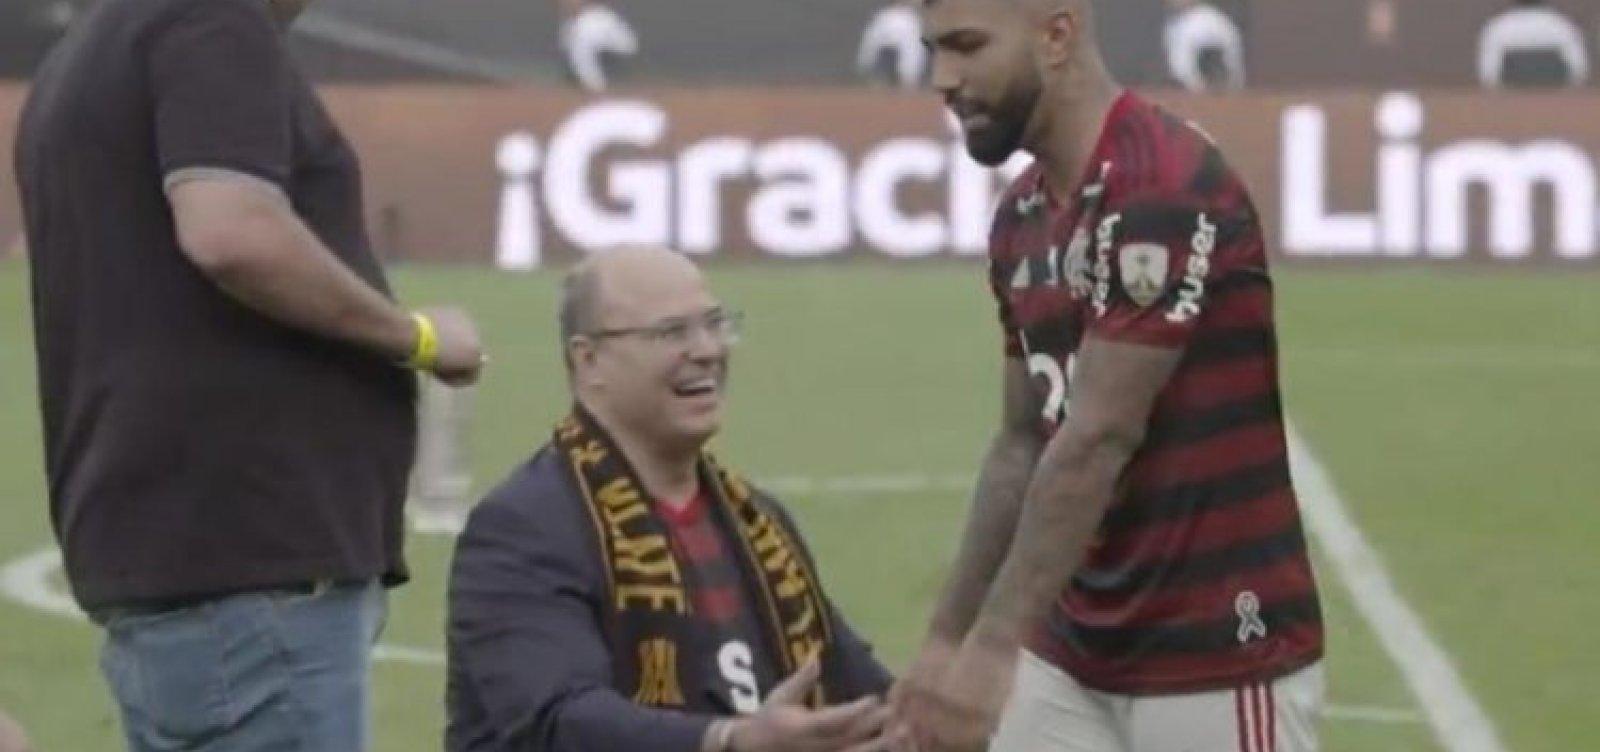 Vídeo: Gabigol ignora Witzel na celebração do título do Flamengo